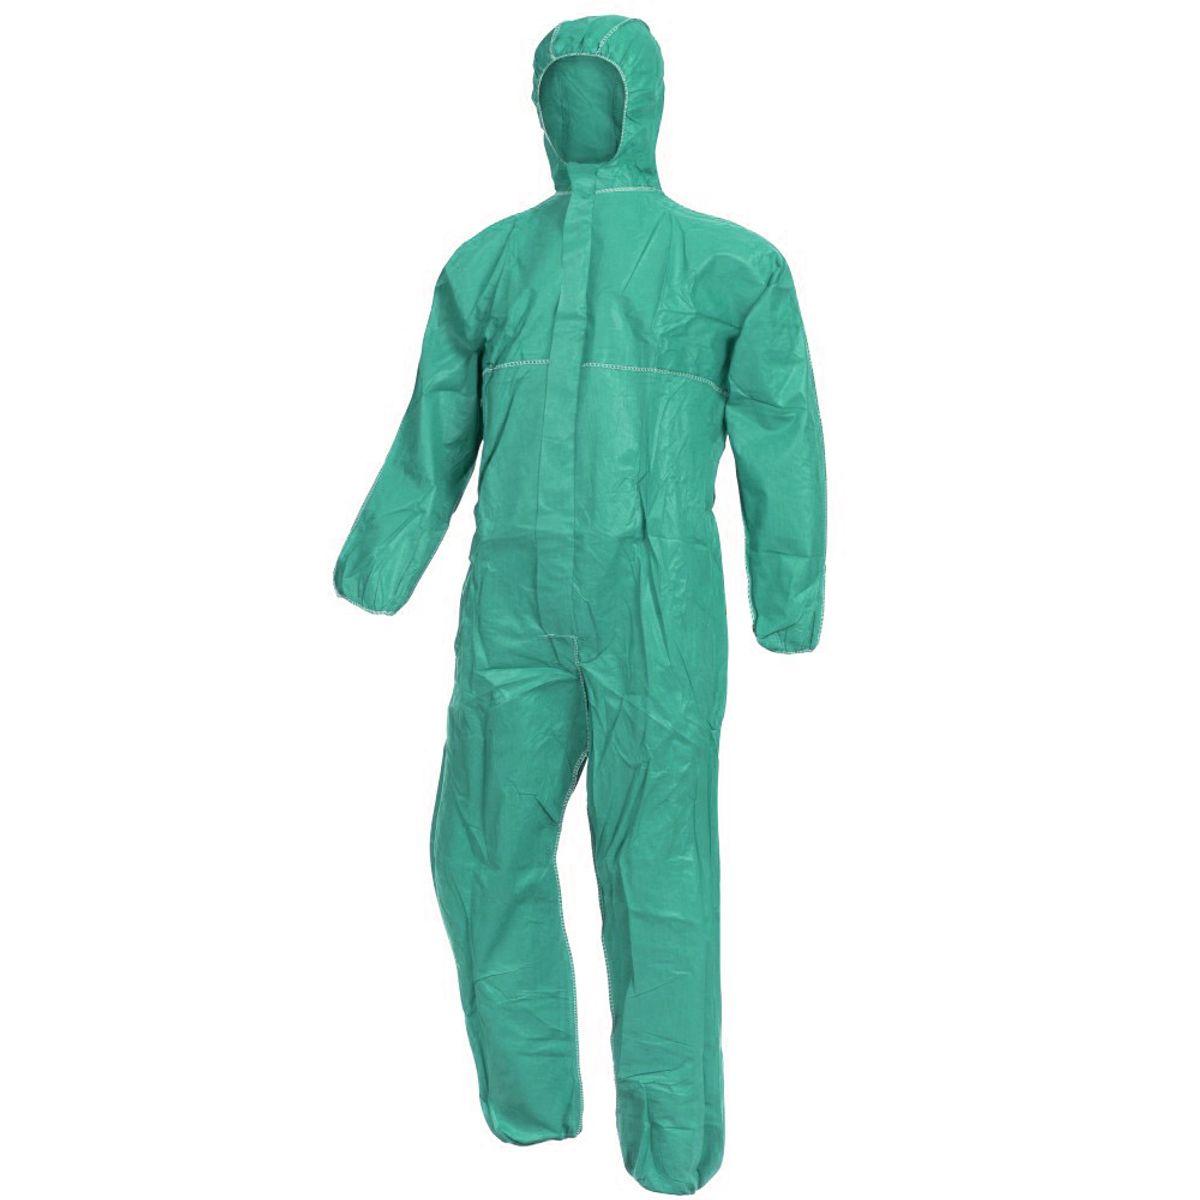 Επαναχρησιμοποιούμενη στολή Προστασίας (Πράσινη)